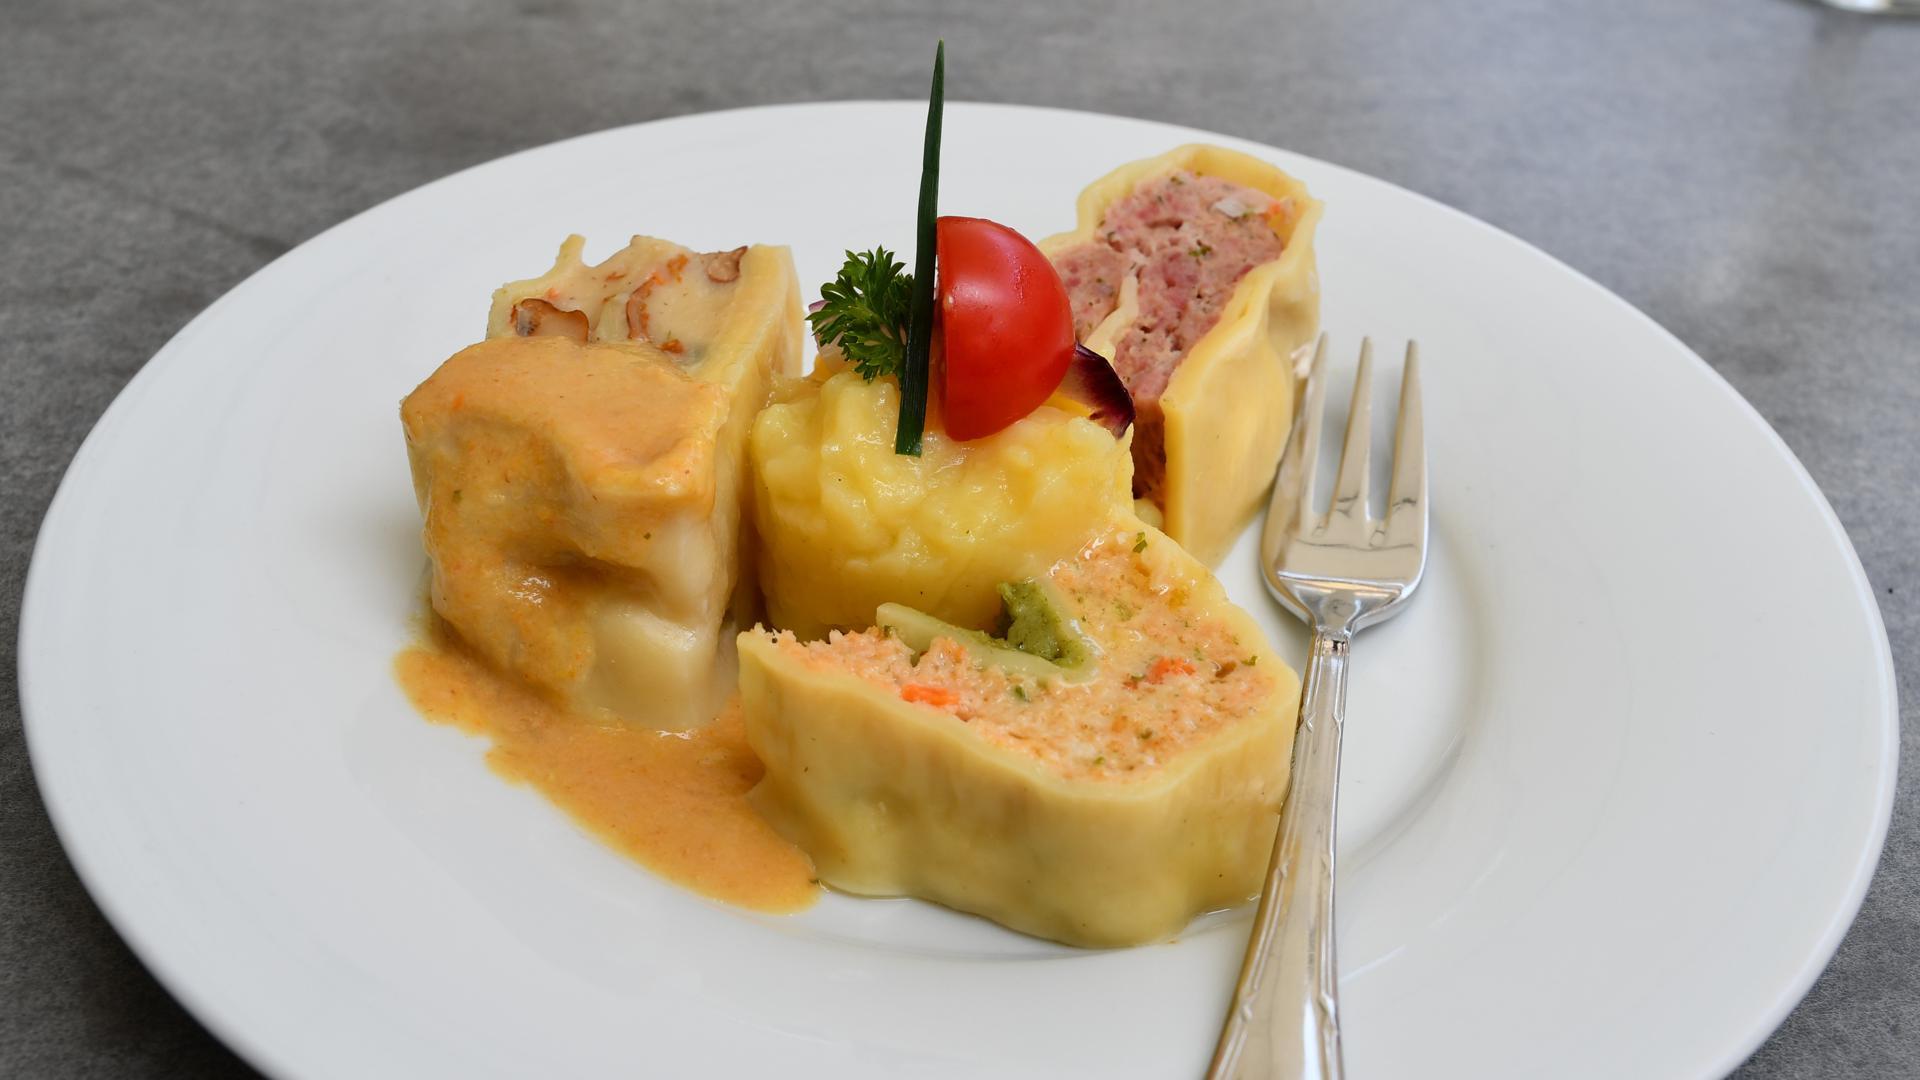 Auf einem Teller sind drei Sorten Maultaschen angerichtet. Verziert sind sie mit einem Klecks Kartoffelsalat, Petersilie und einer halben Cocktailtomate.